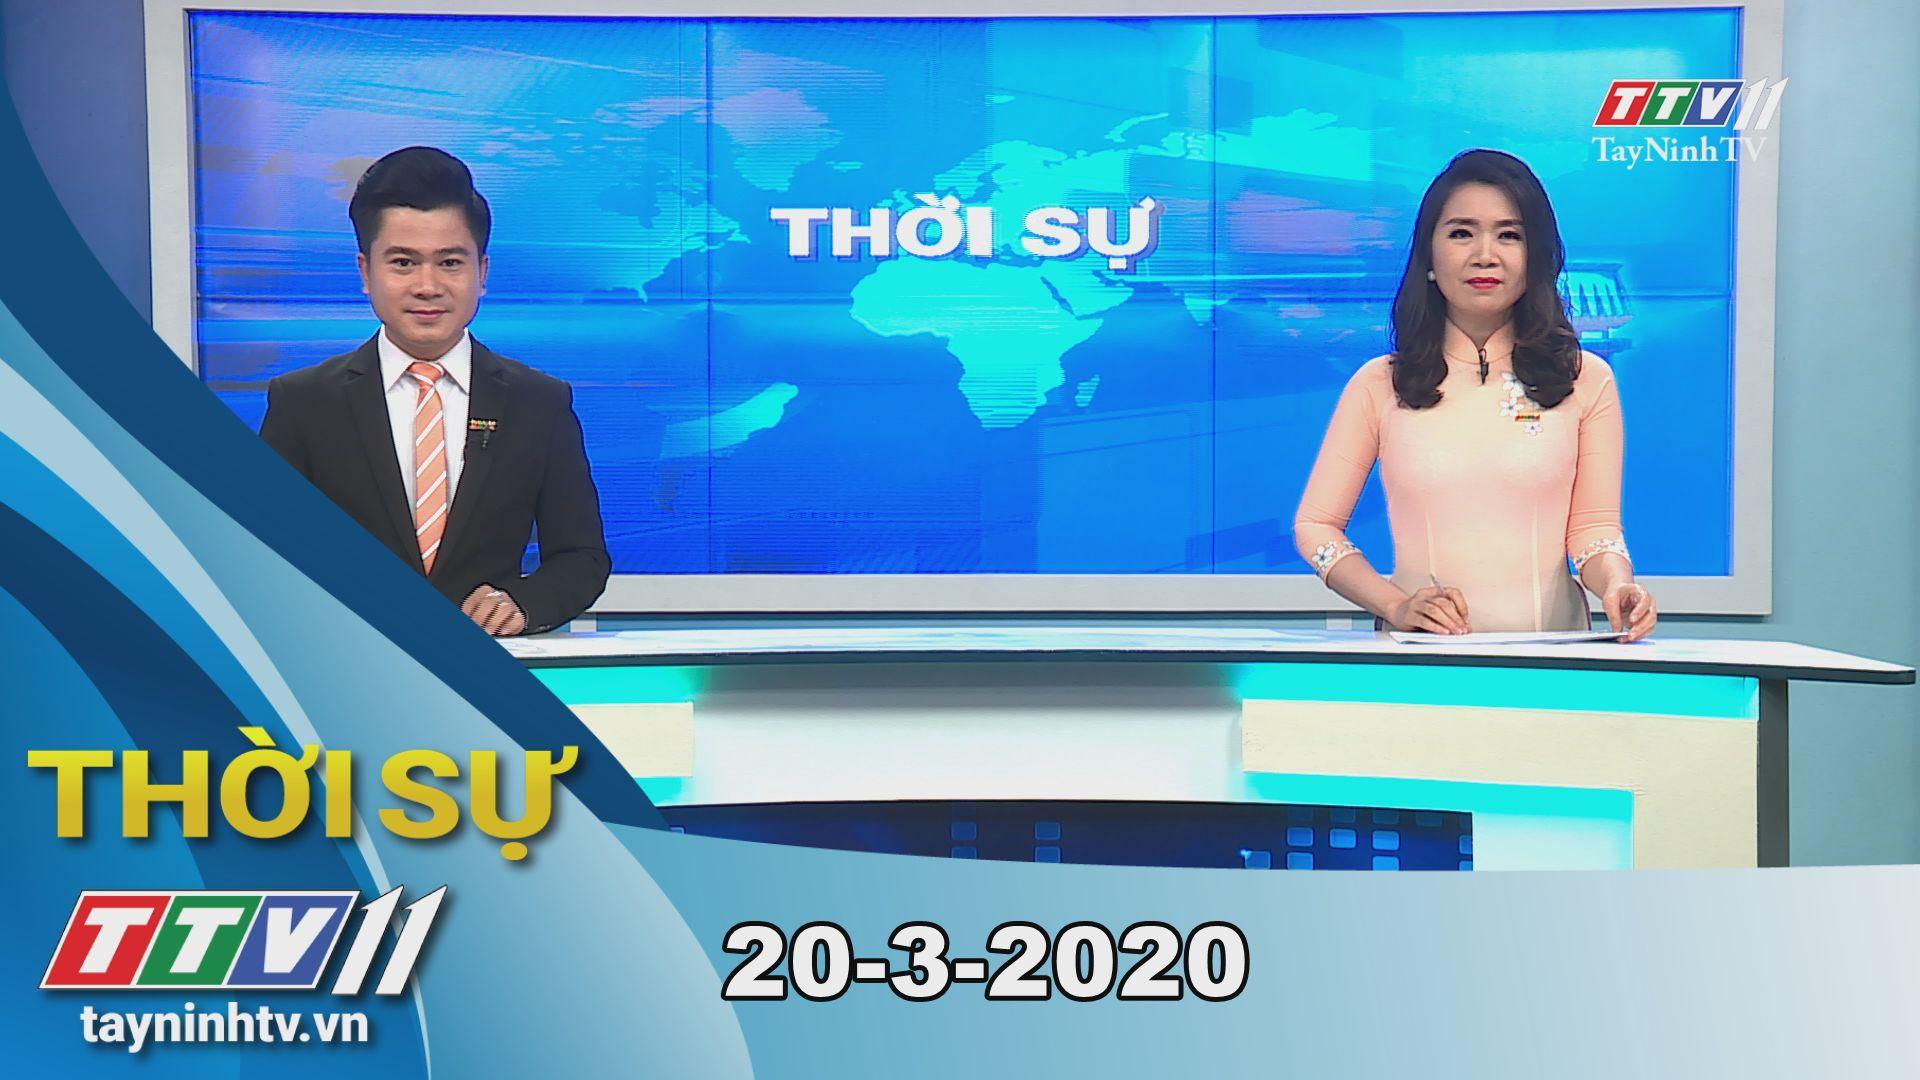 Thời sự Tây Ninh 20-3-2020 | Tin tức hôm nay | TayNinhTV